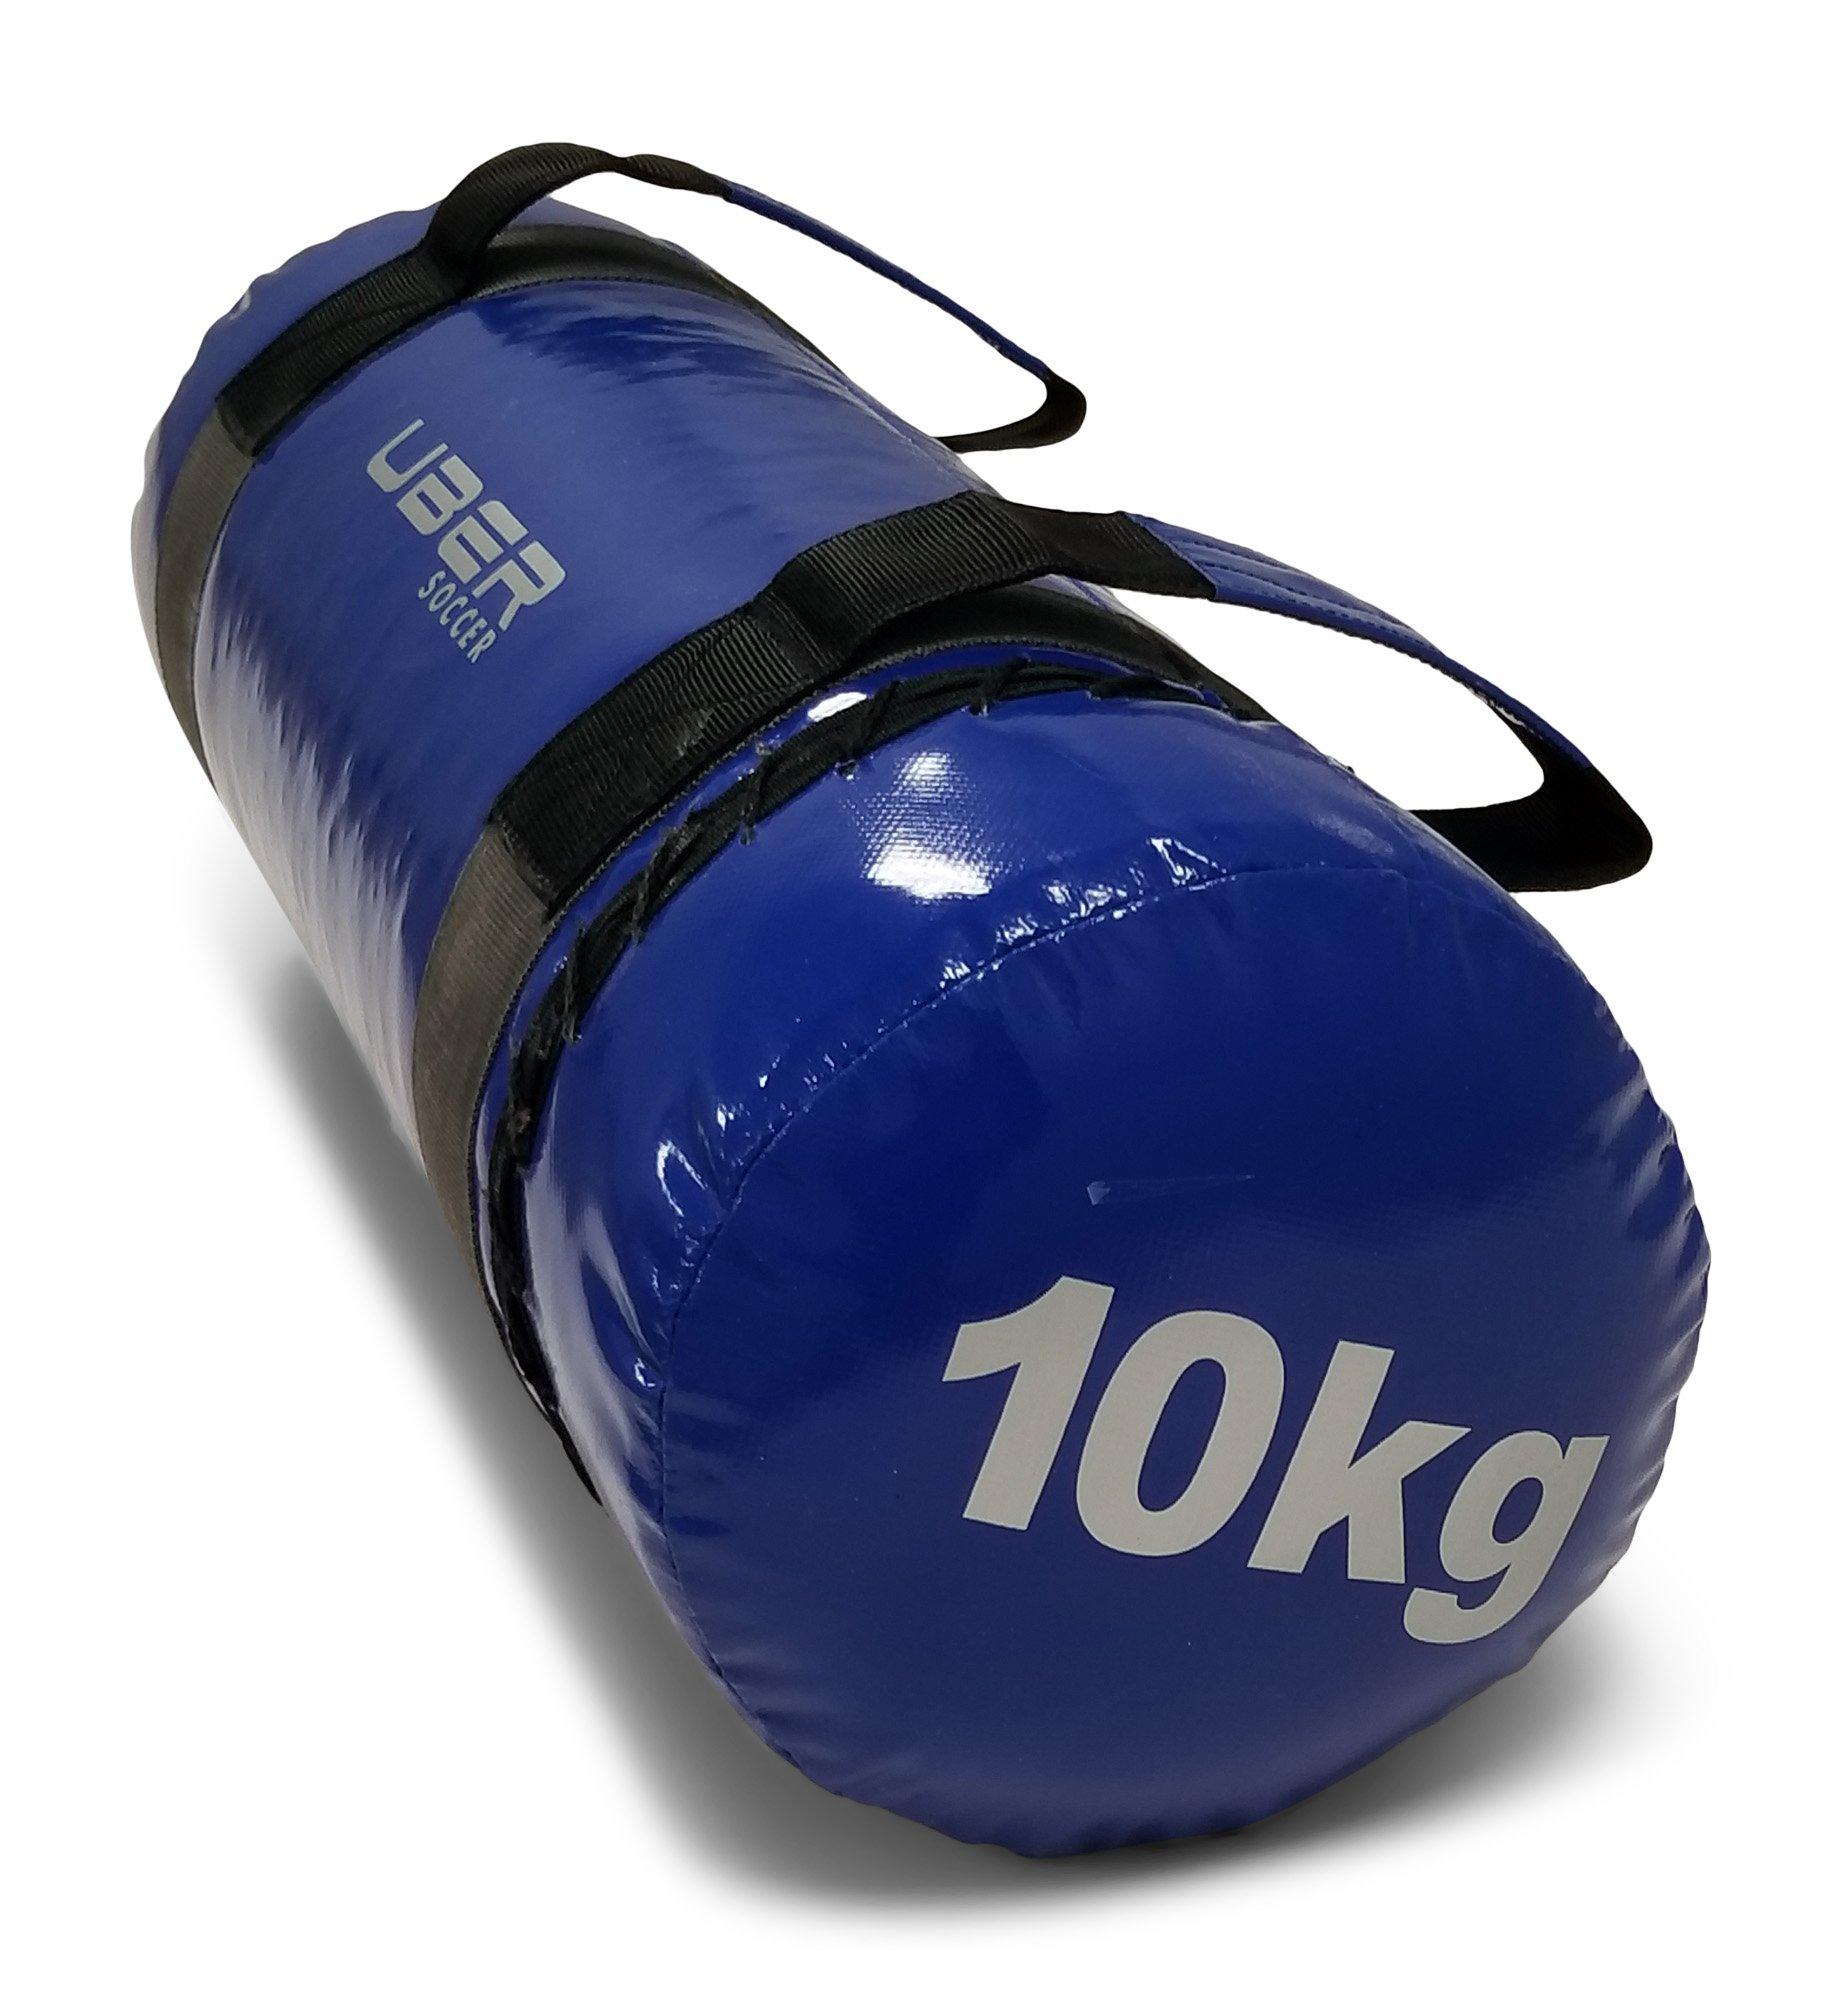 Uber Soccer Strength Training Bag - 10kg - Blue